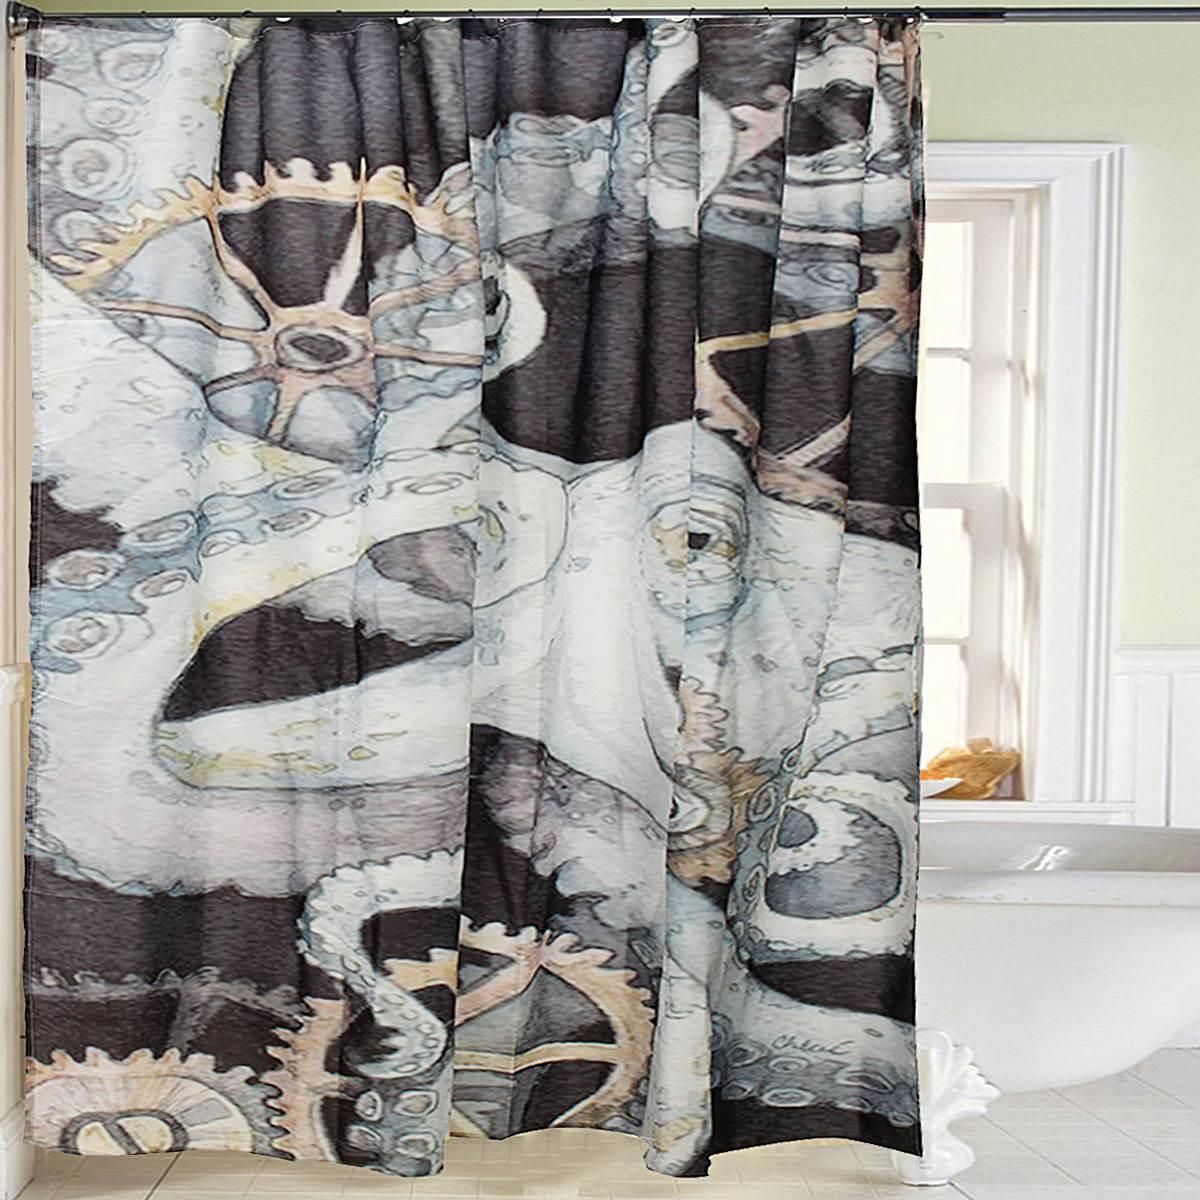 online get cheap duschvorhang materialien -aliexpress, Hause ideen